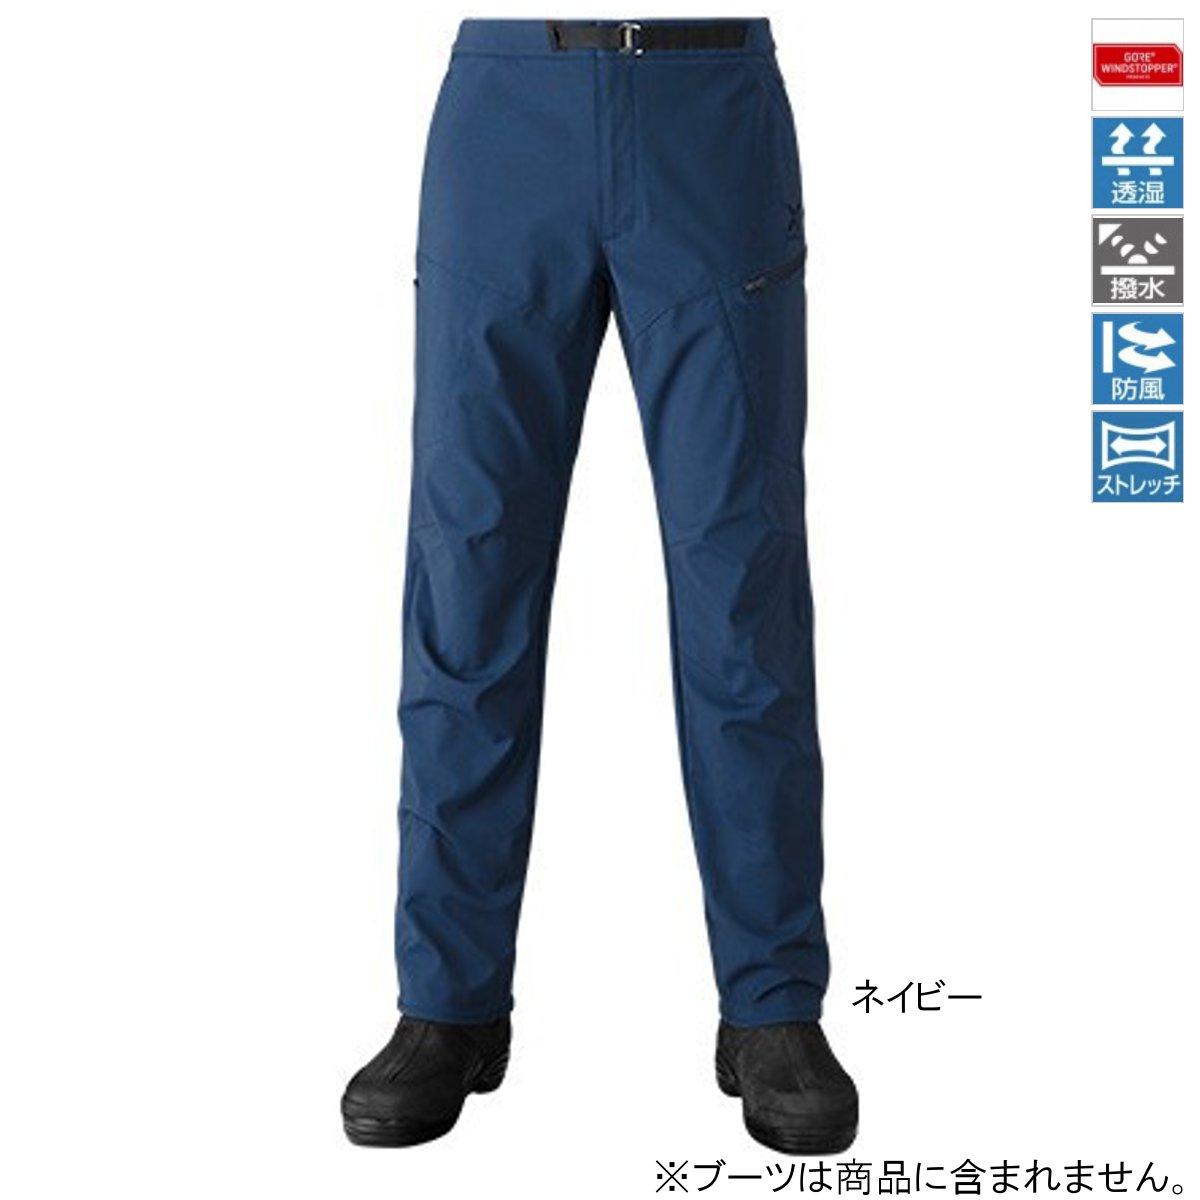 シマノ XEFO GORE WINDSTOPPER ボトム PA-241R M ネイビー【送料無料】